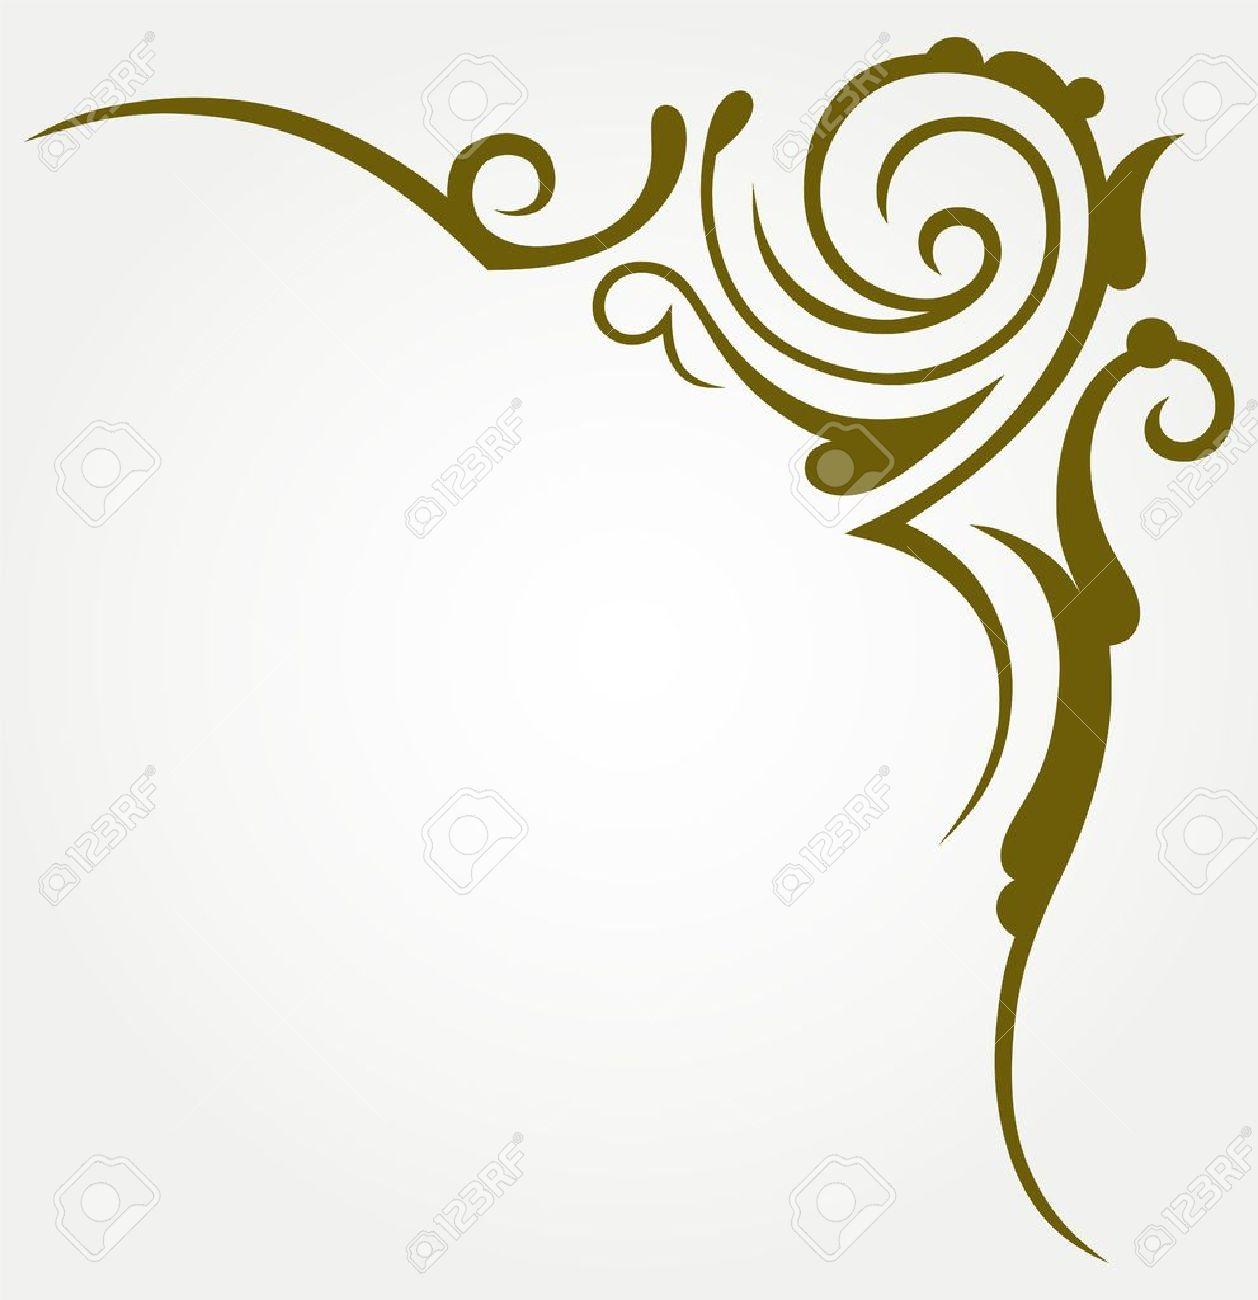 Calligraphic Design Element Calligraphy Corner Designs